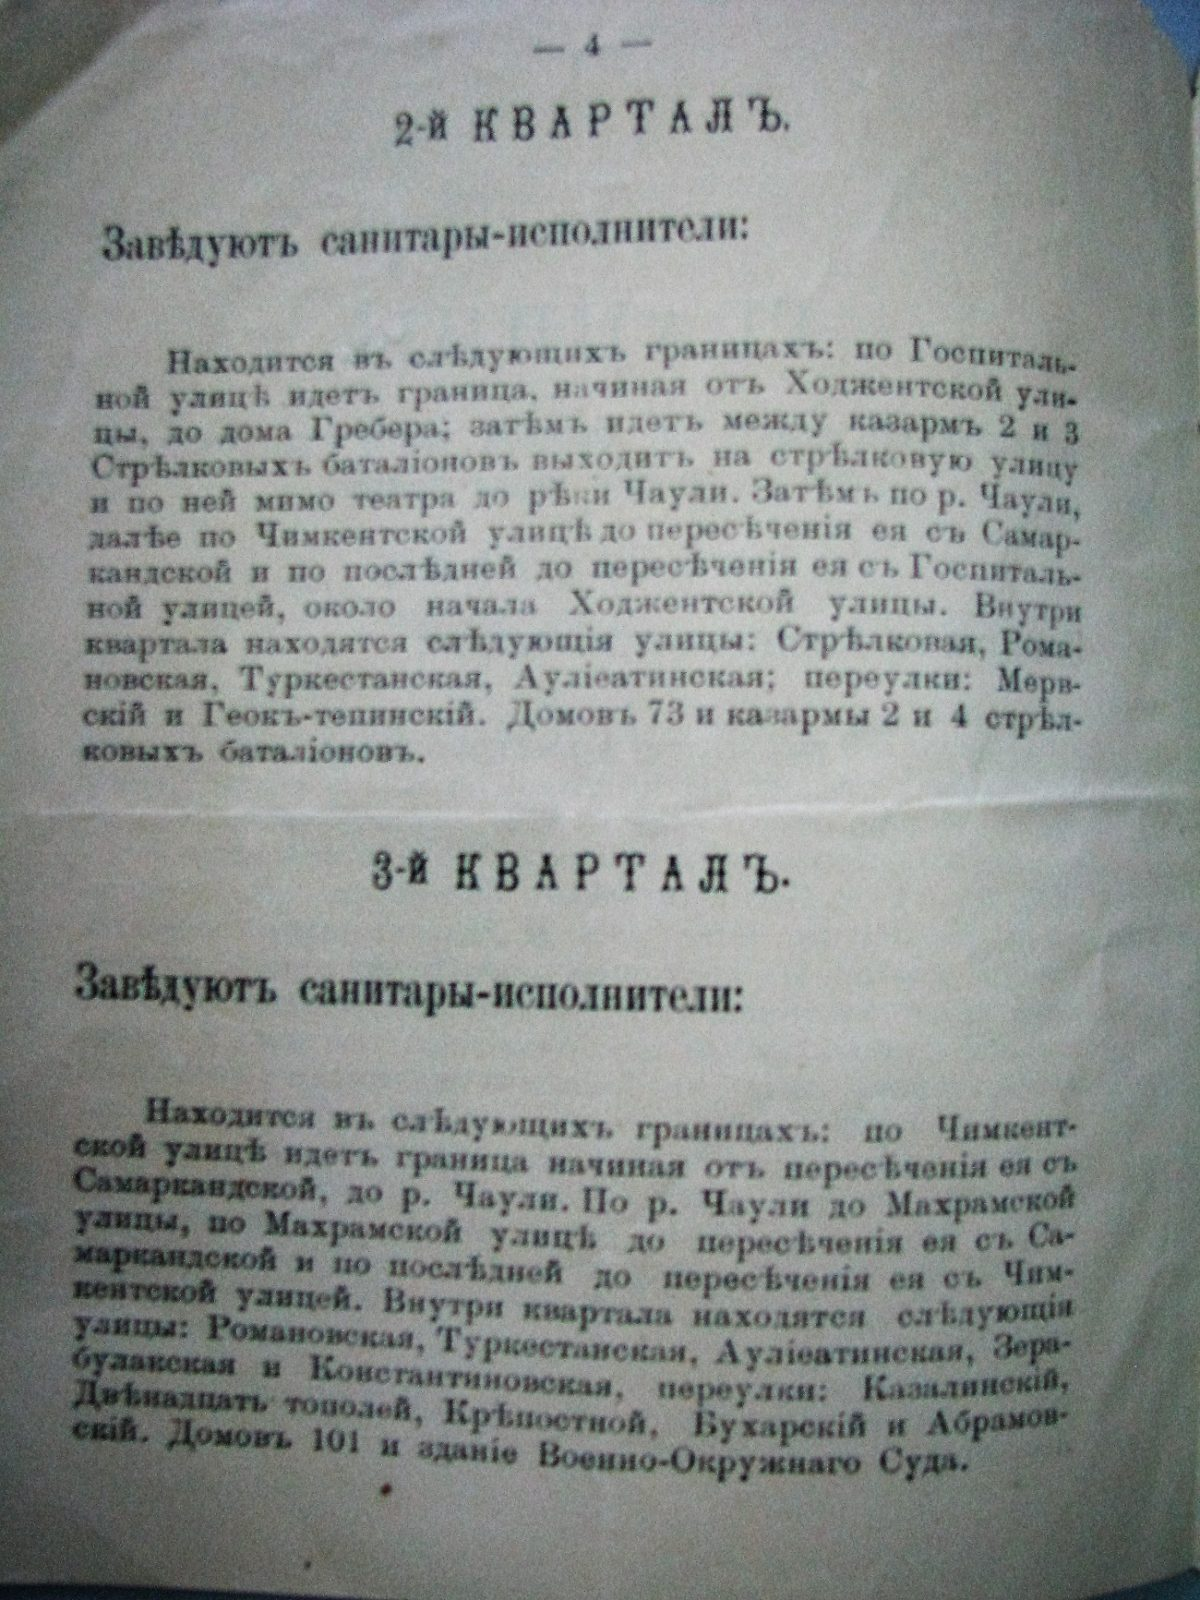 Ташкент_shosh (3)